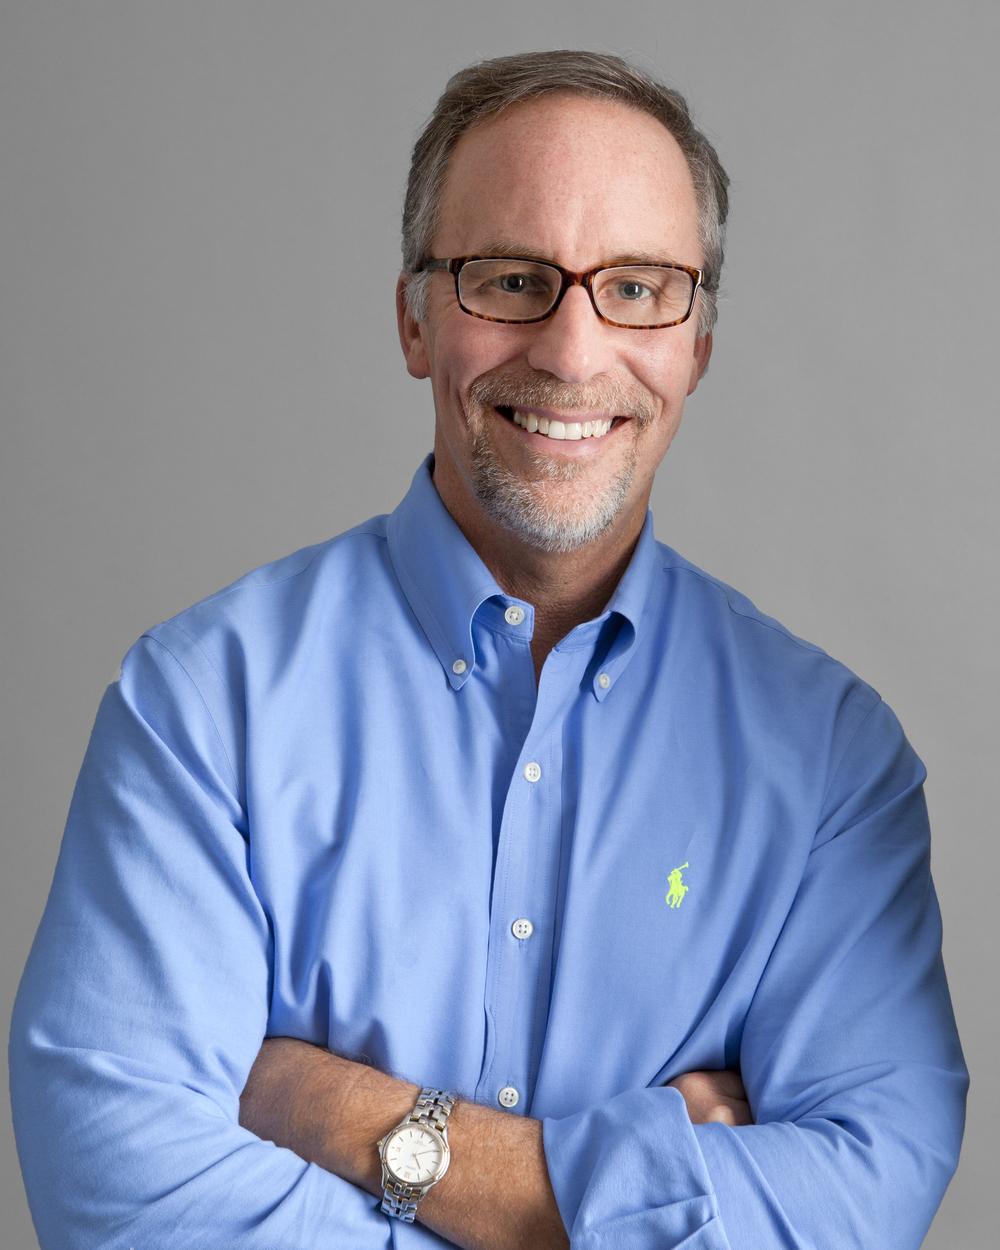 Tim Cowden